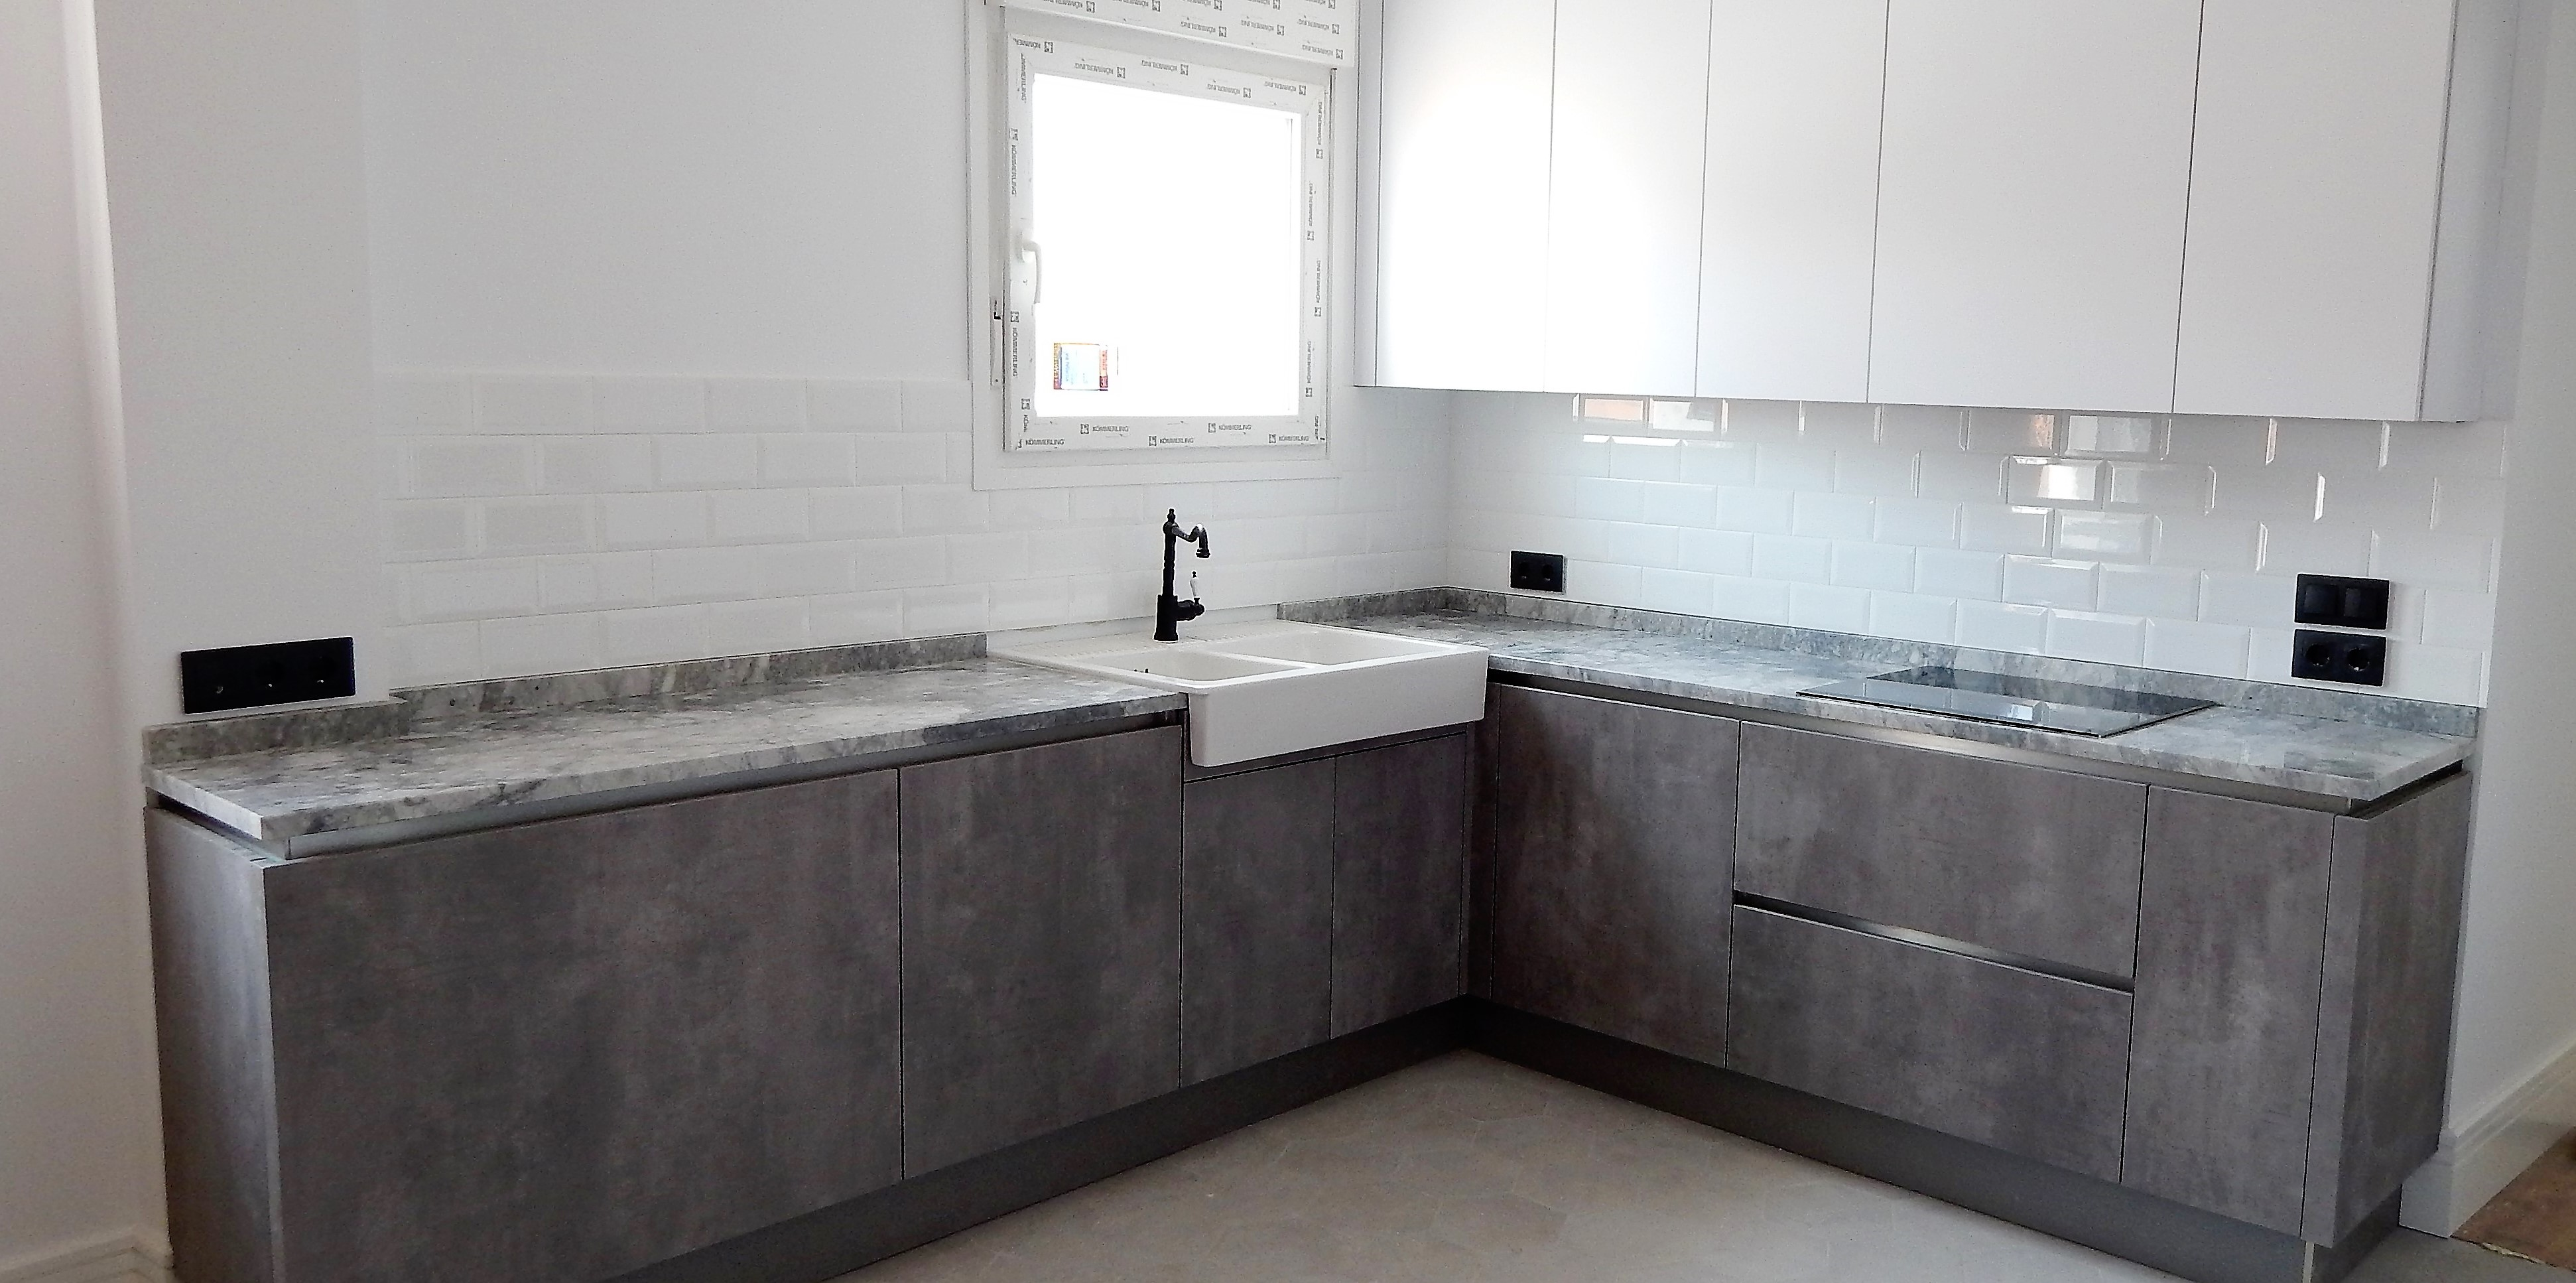 Muebles de cocina blanco y hormig n gris perla - Muebles cocina blanco ...